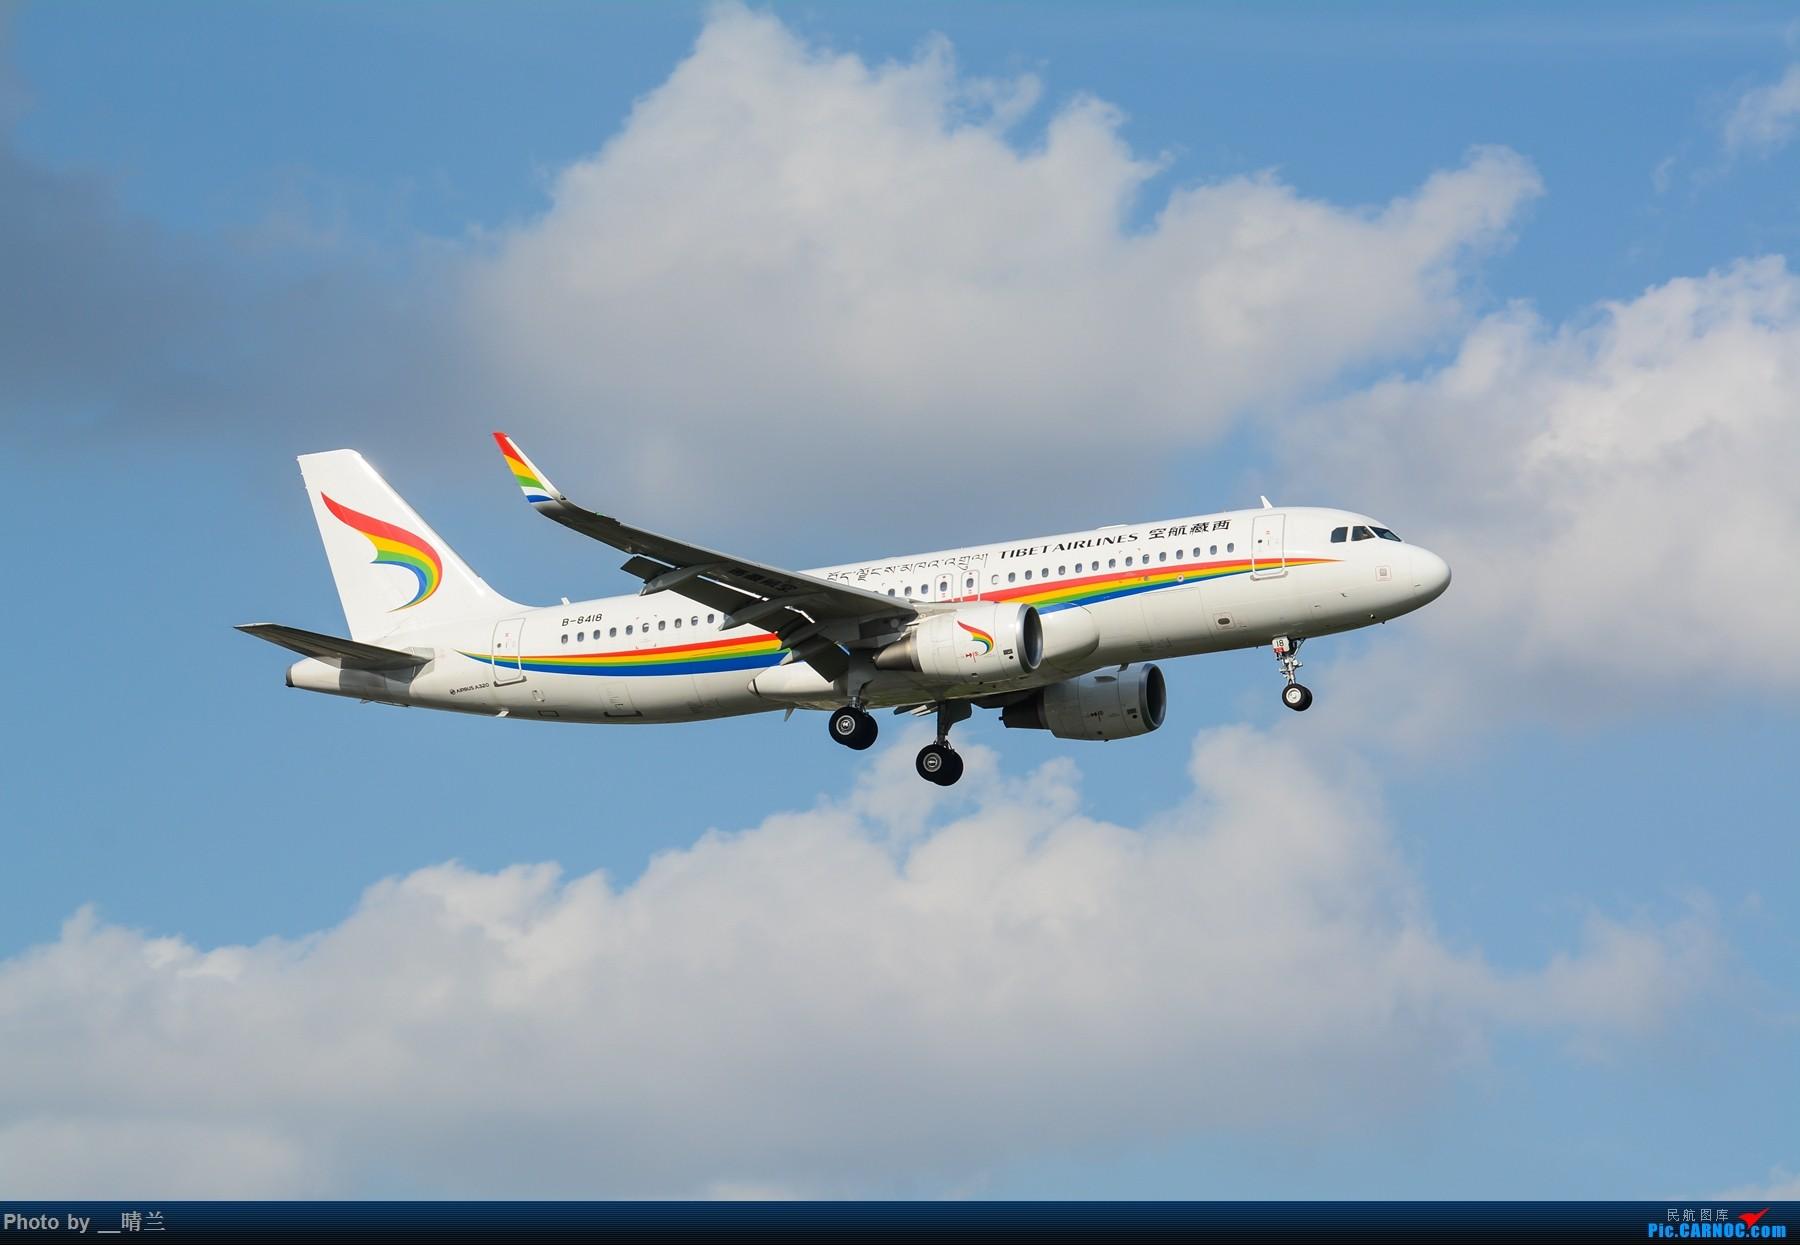 Re:[原创]果然昨天发了图,今天SHA就是大蓝天~~最开心的事莫过于基友们一起拍机! AIRBUS A320-200 B-8418 中国上海虹桥国际机场